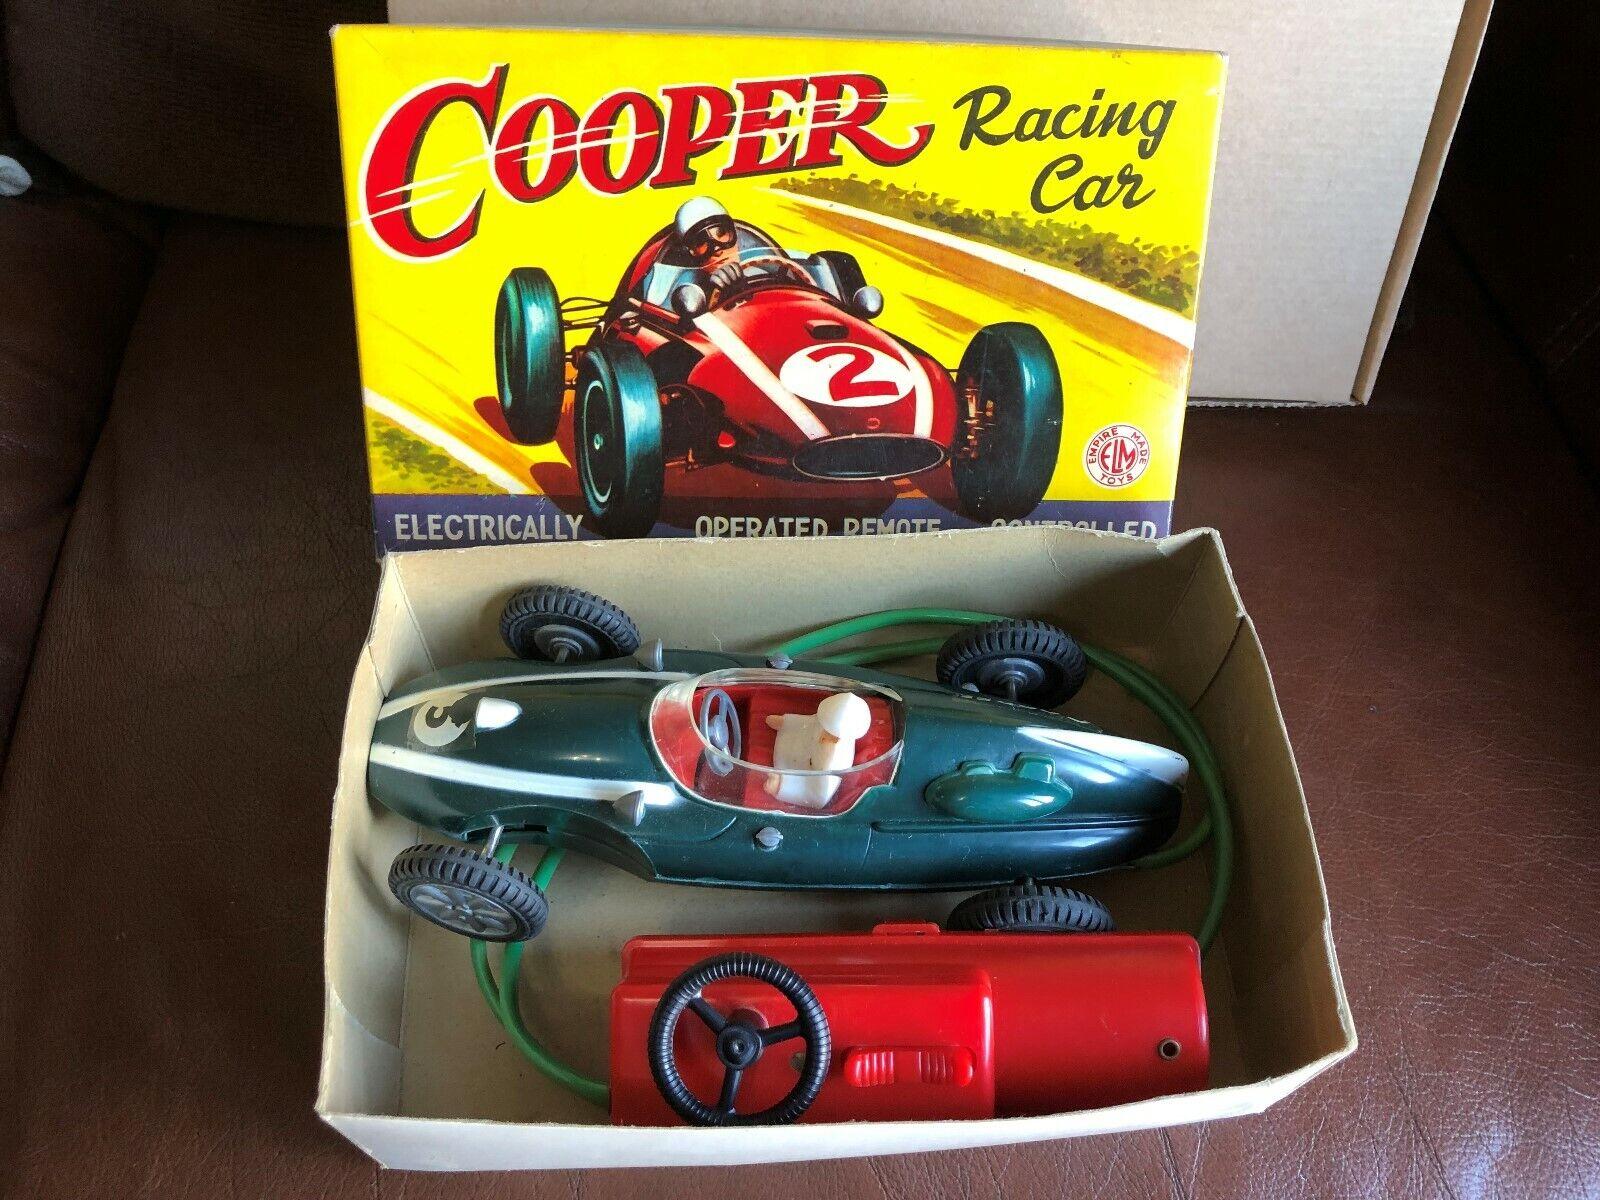 Empire made vintage Télécommande COOPER RACING CAR dans boîte d'origine, années 1960